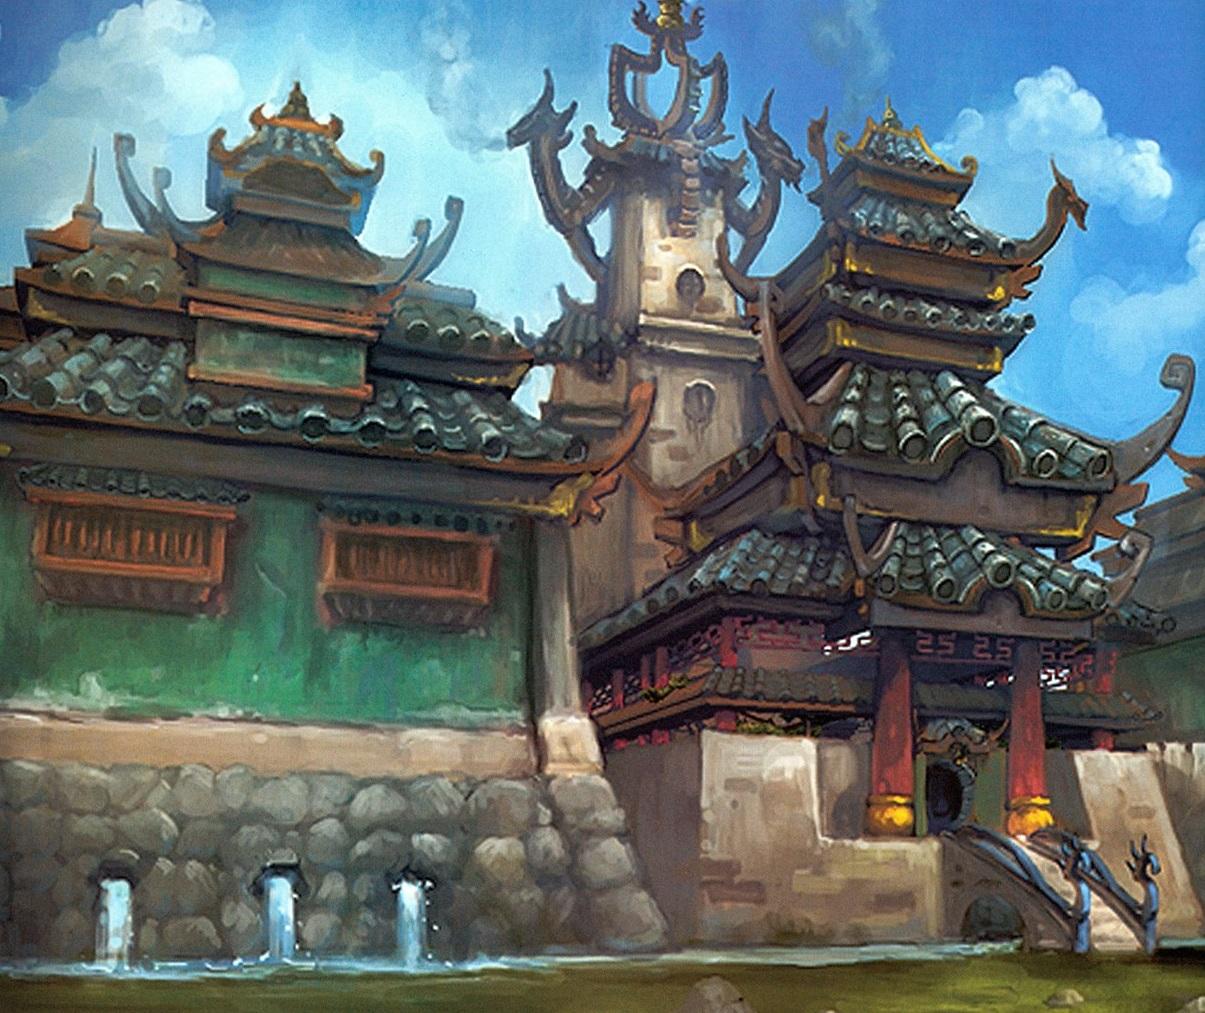 Как создавался World of Warcraft: взгляд изнутри на 20 лет разработки - 50